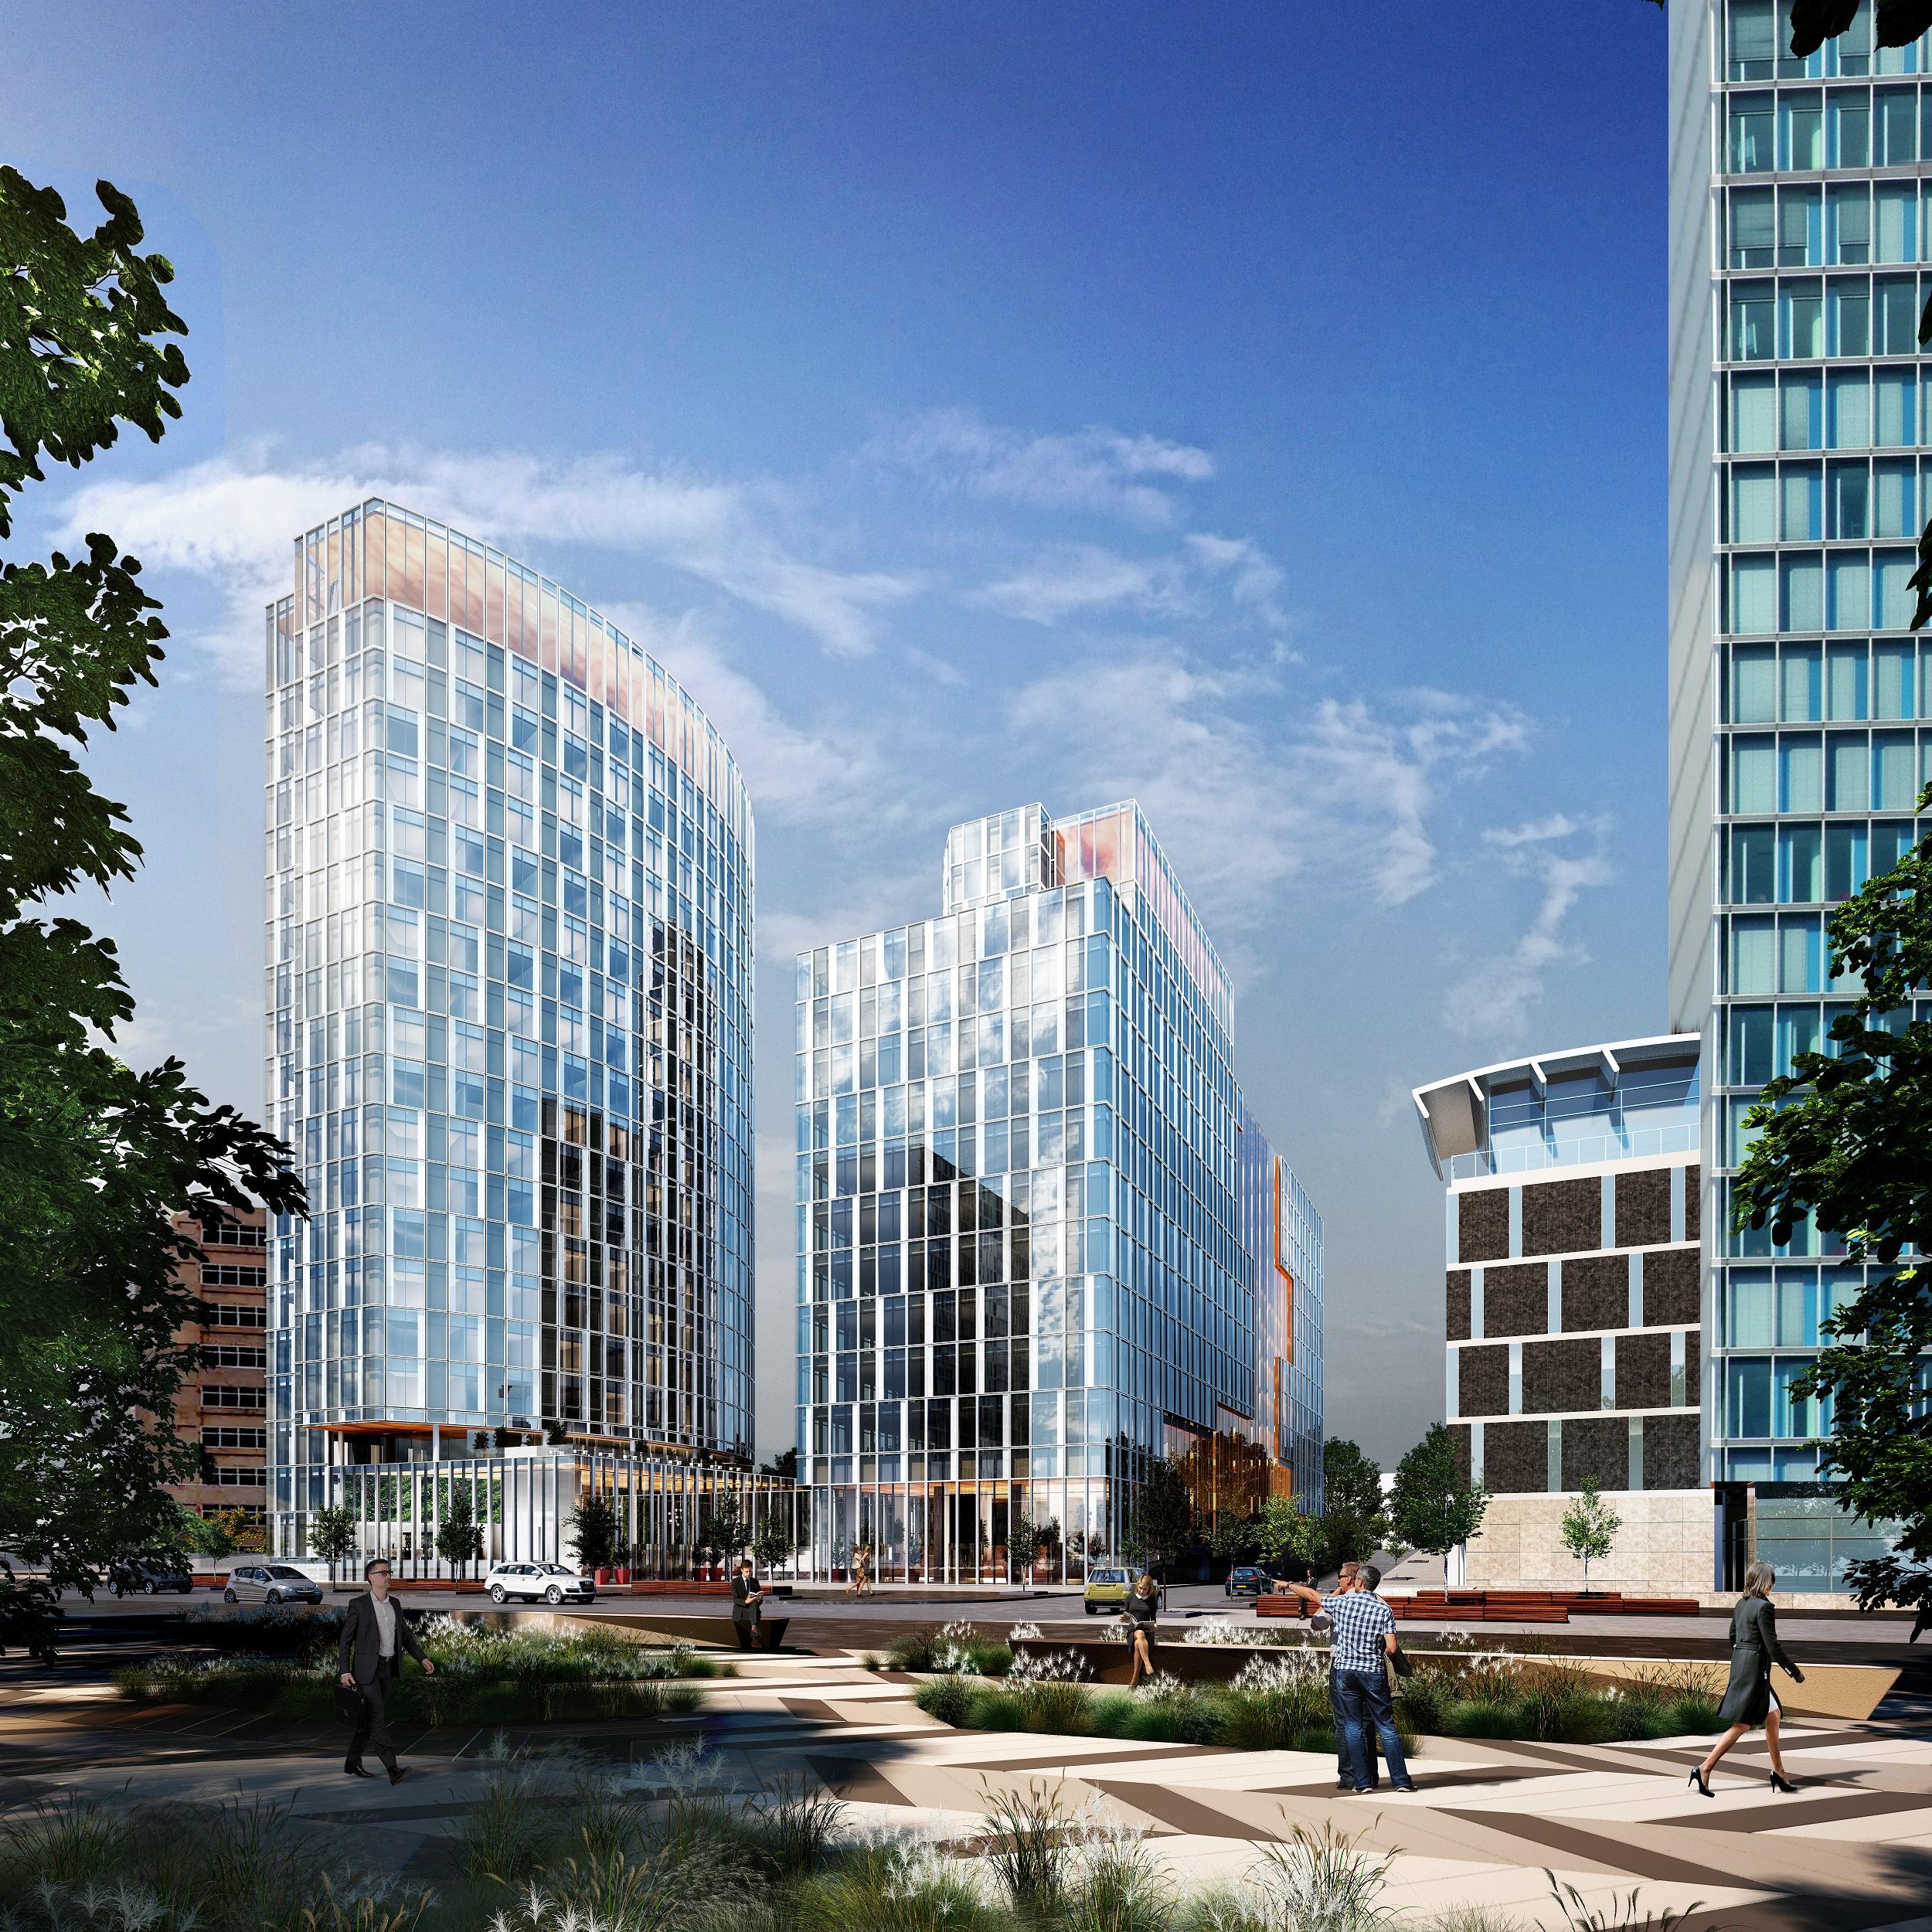 Meliahotel Naar Two Towers Op Zuidas Amsterdam Propertynl